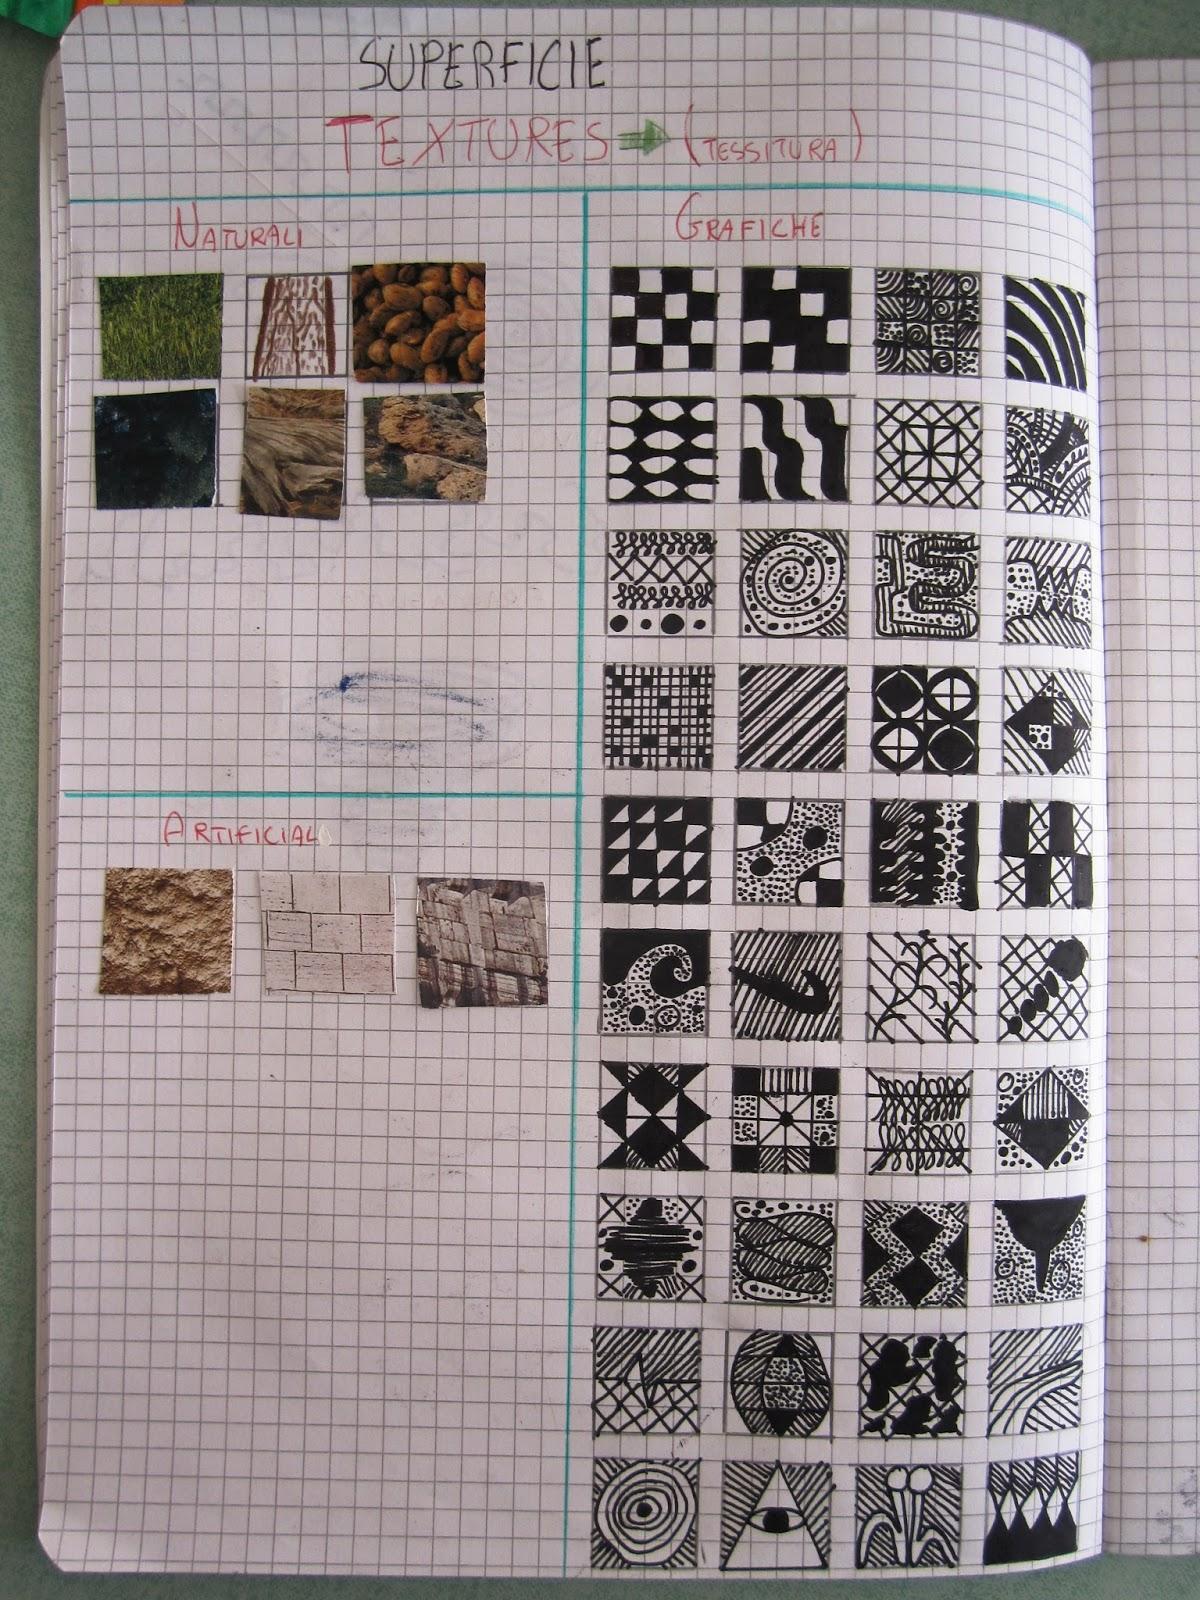 Conosciuto immagin@rti: Textures exercise. Il quaderno di Arte. XE18